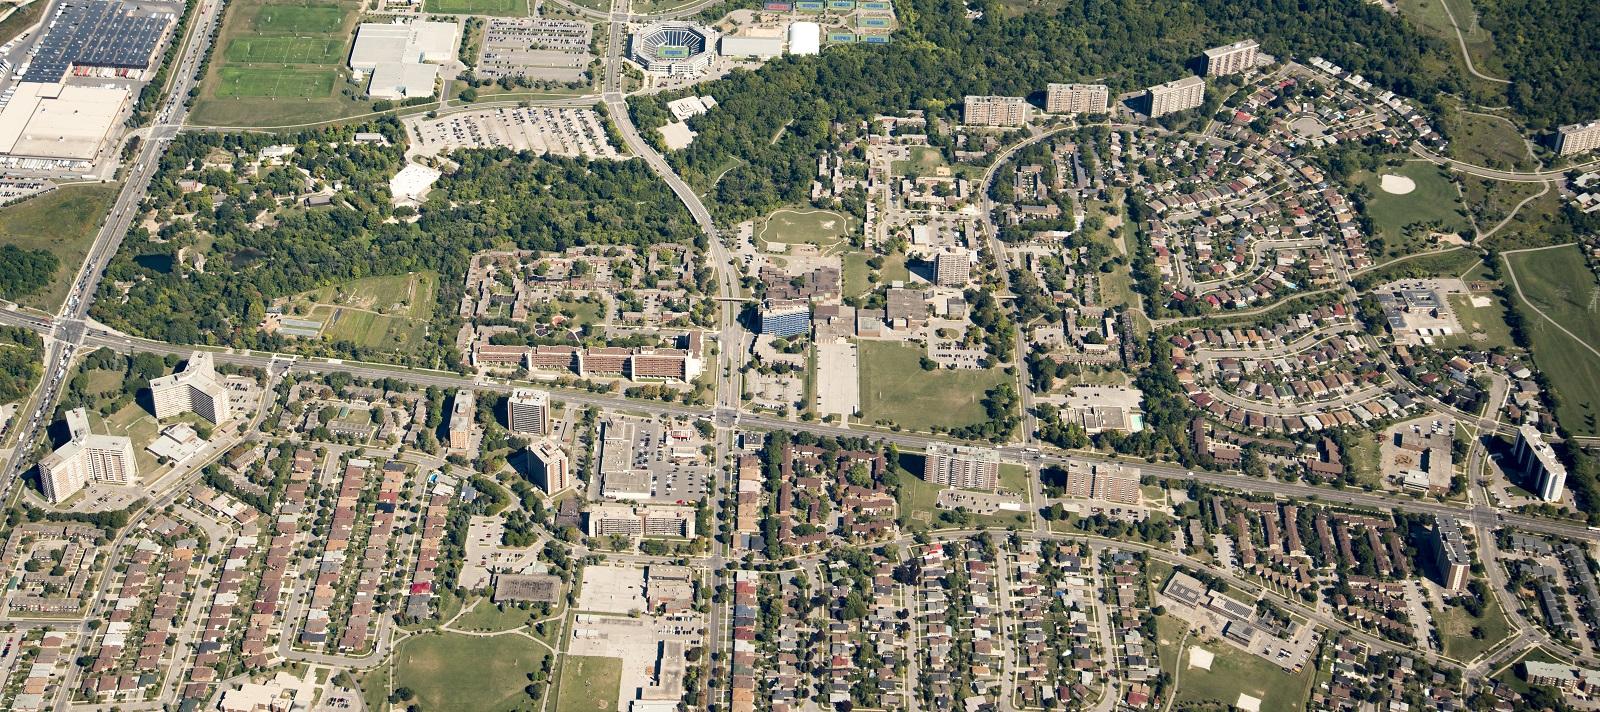 aerial view of Black Creek SNAP neighbourhood